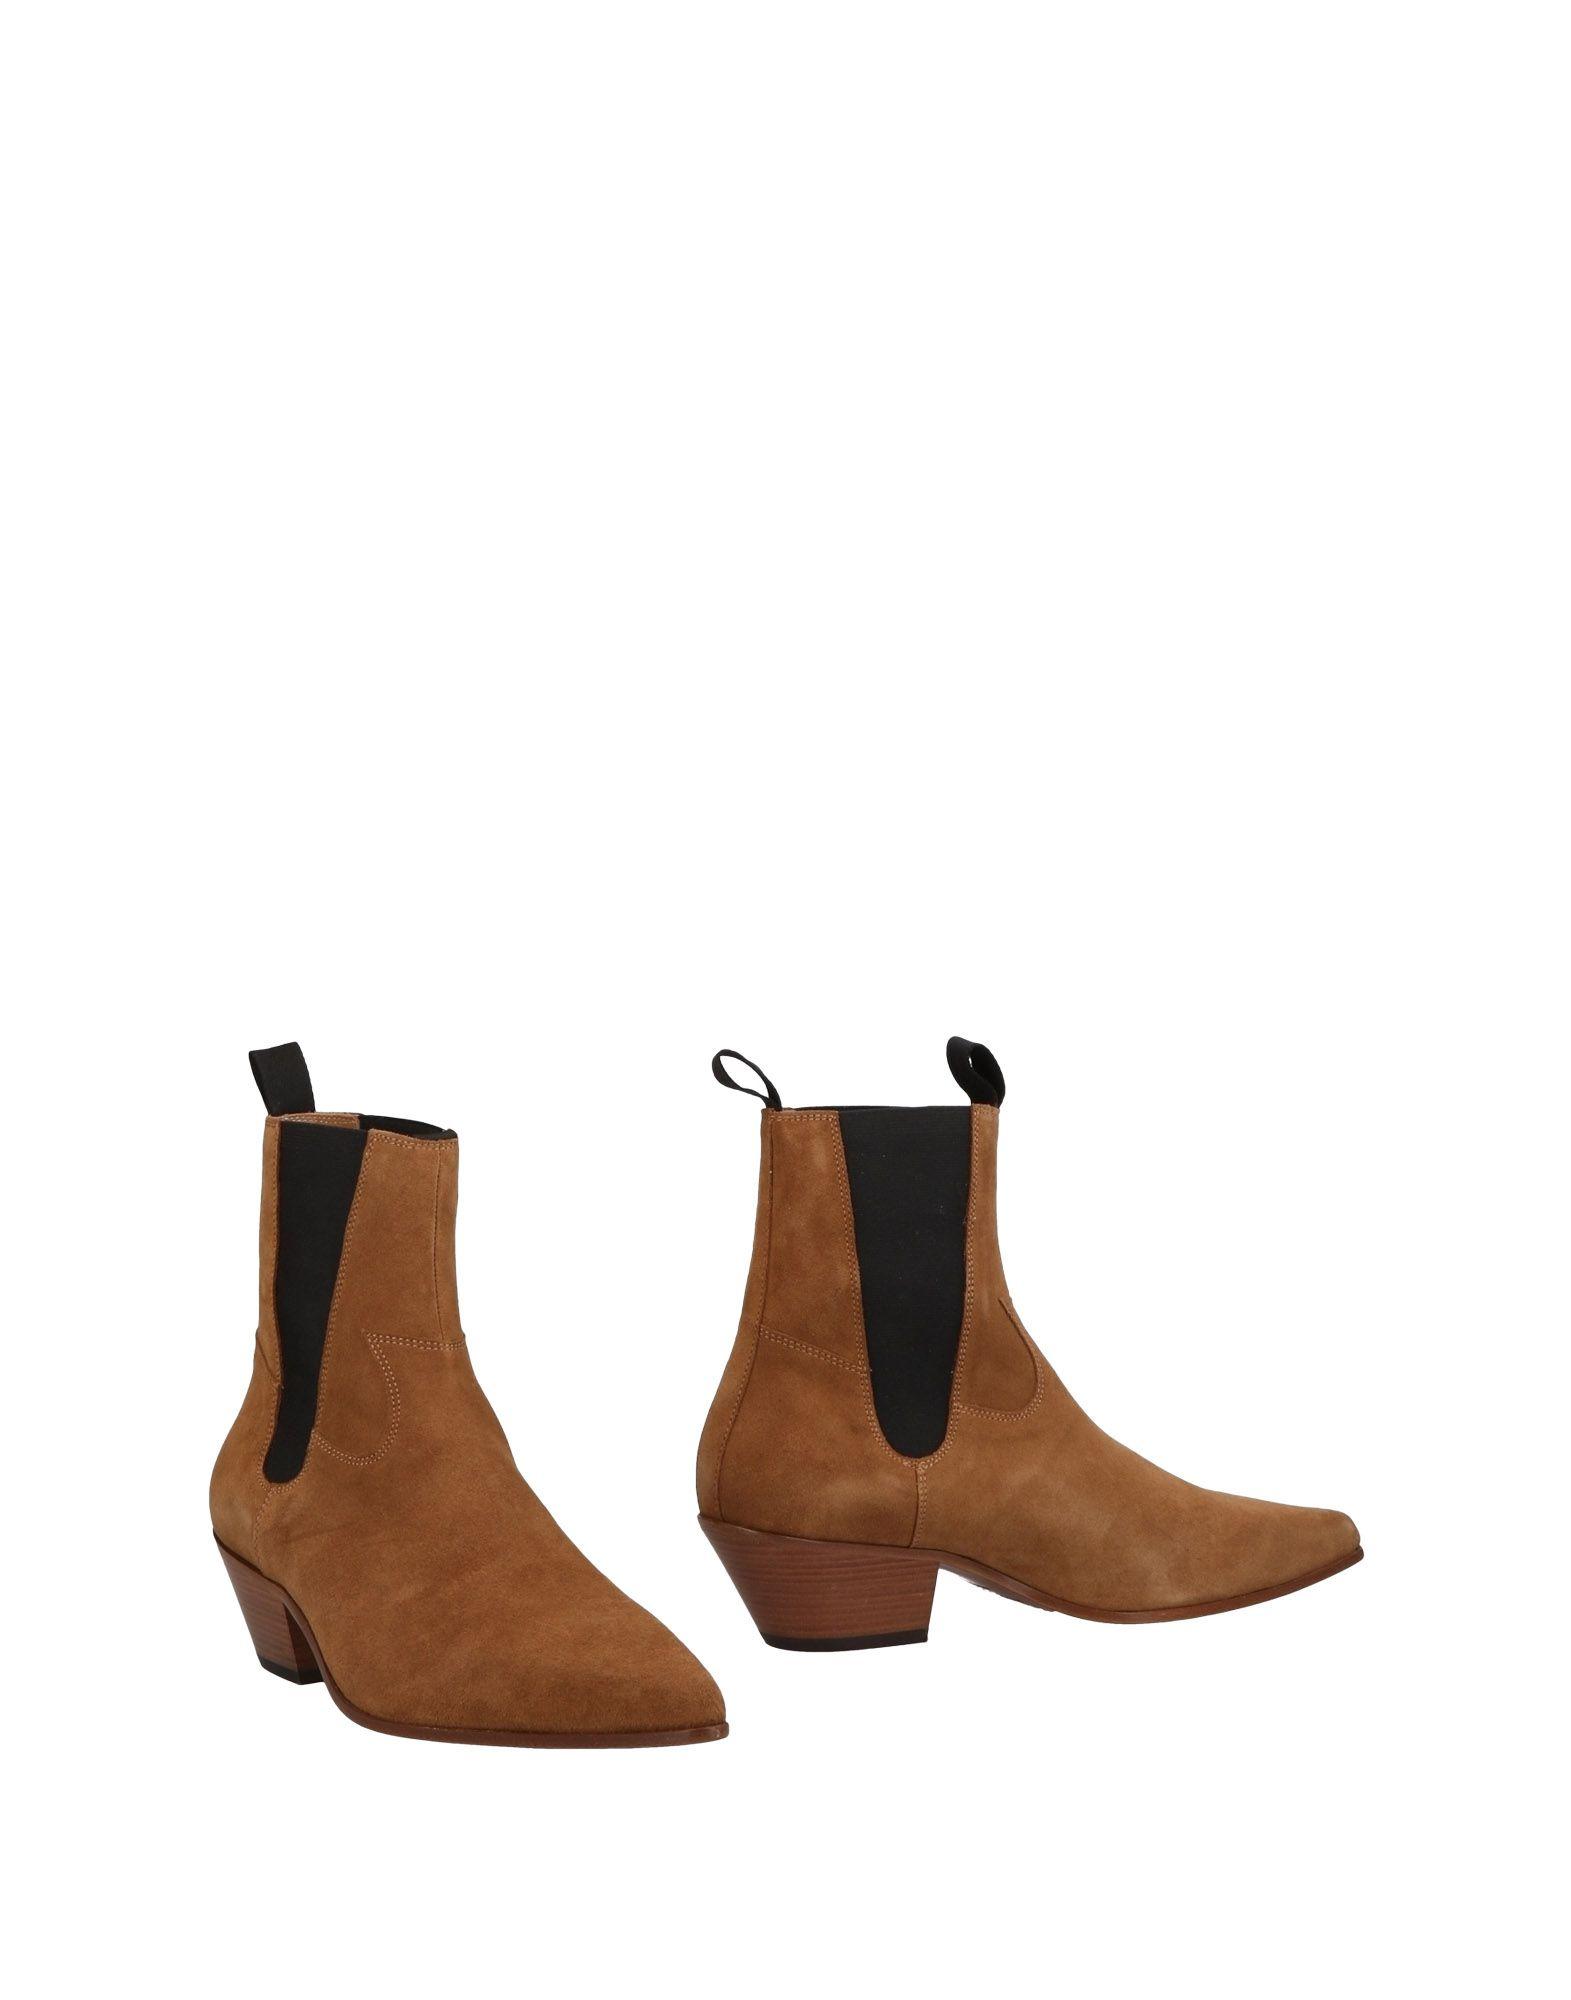 Marc Jacobs Stiefelette Qualität Herren  11492922AQ Gute Qualität Stiefelette beliebte Schuhe 2e6bac